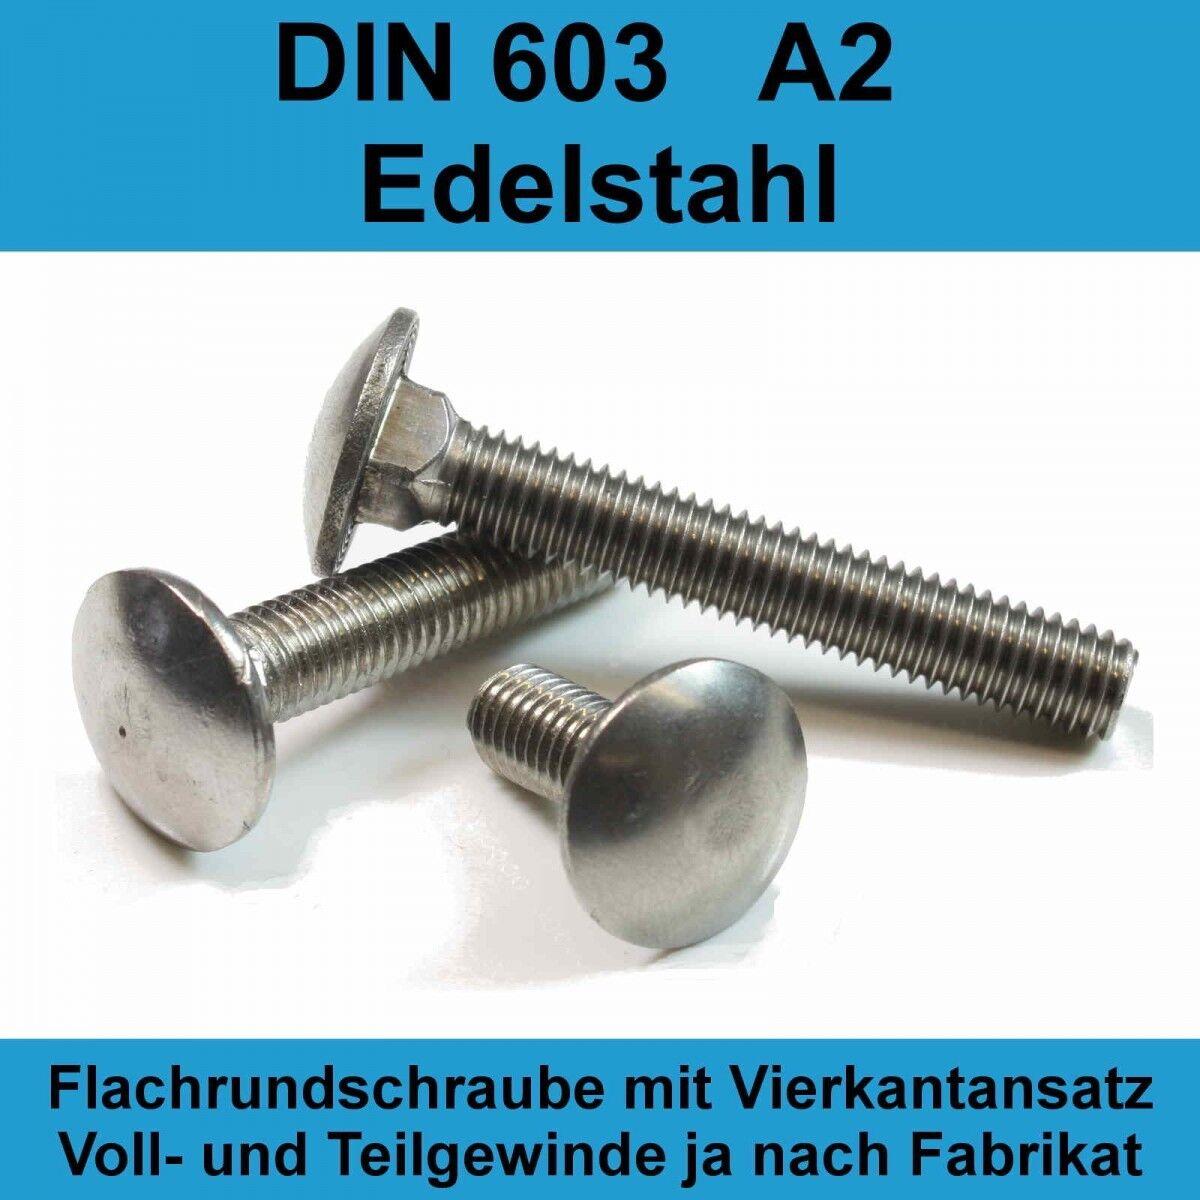 M6 DIN 603 A2 Edelstahl Schloßschrauben Flachrund-Schrauben Flachrund-Schrauben Flachrund-Schrauben Flach Stahl M6x | Qualität Produkte  f1224a